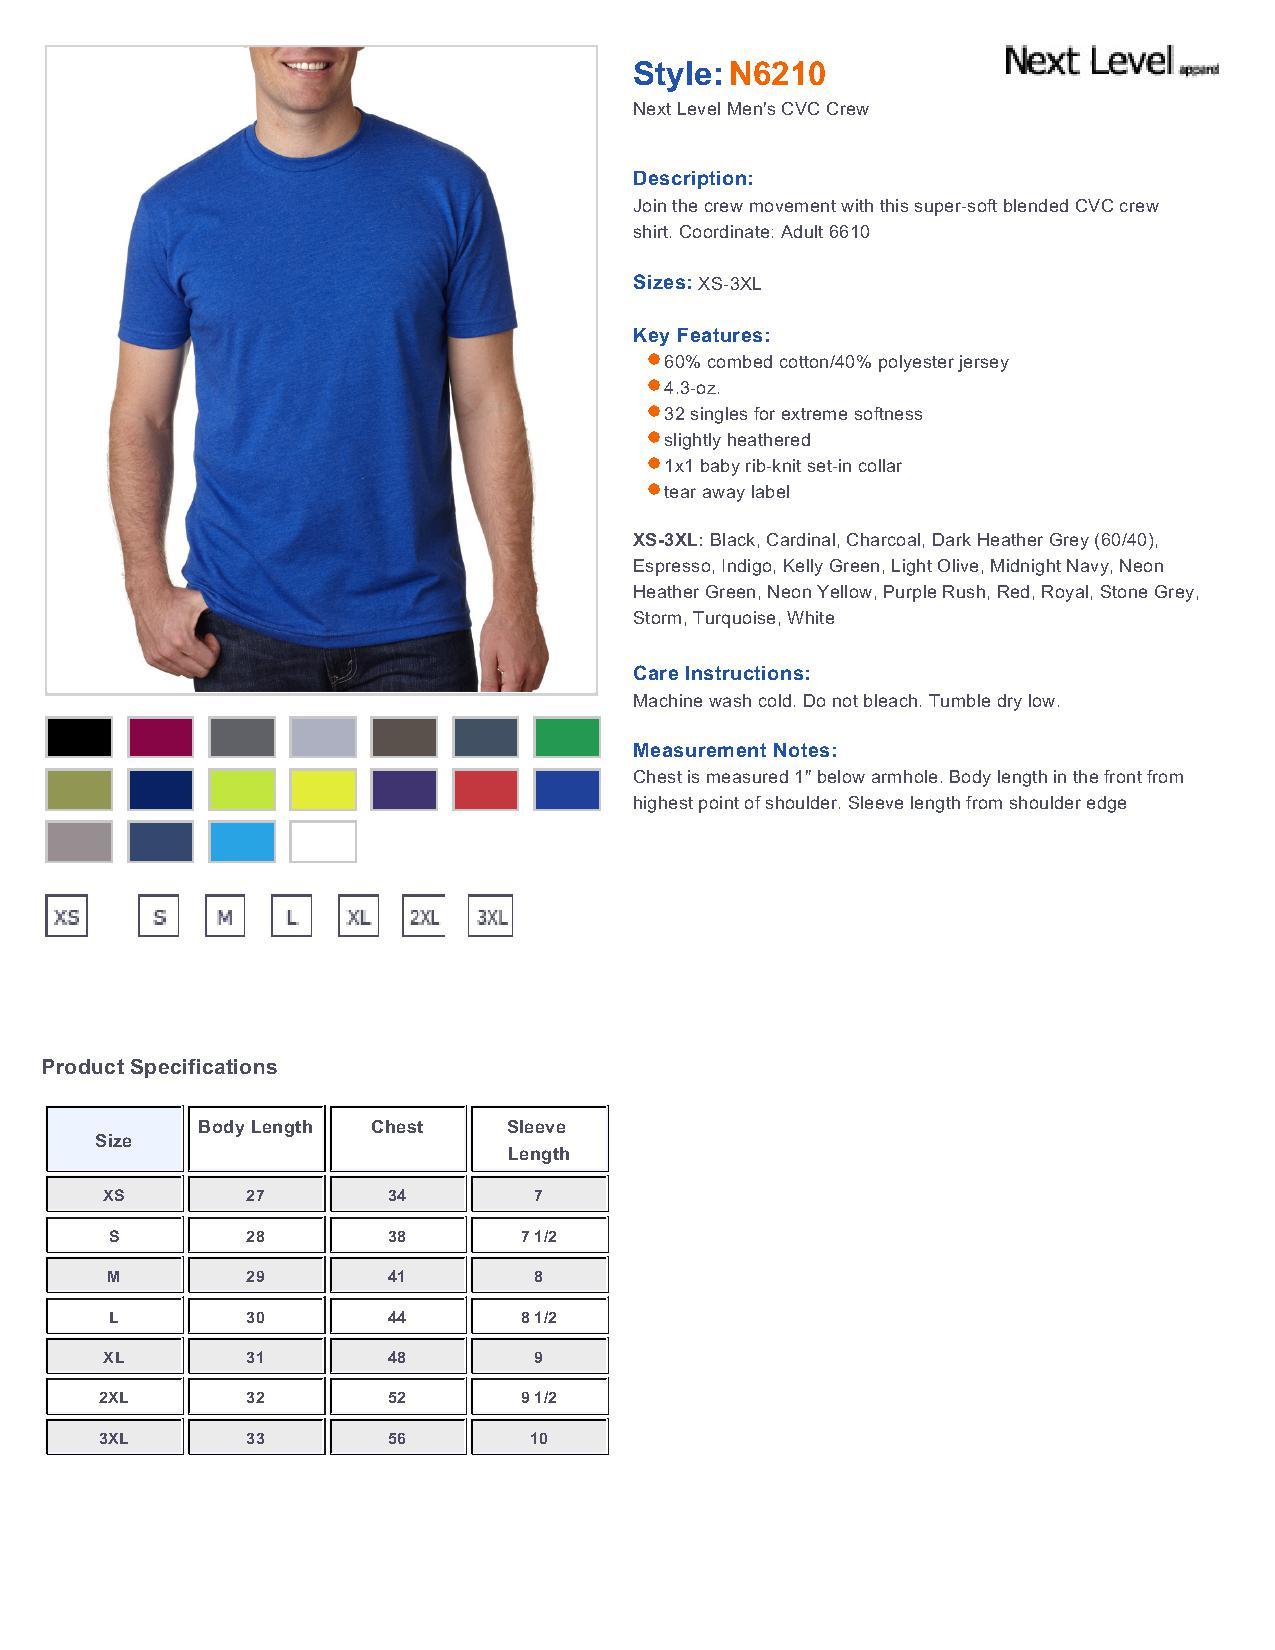 8f86adb501c Next Level N6210 - Men s CVC Crew  4.77 - T Shirts